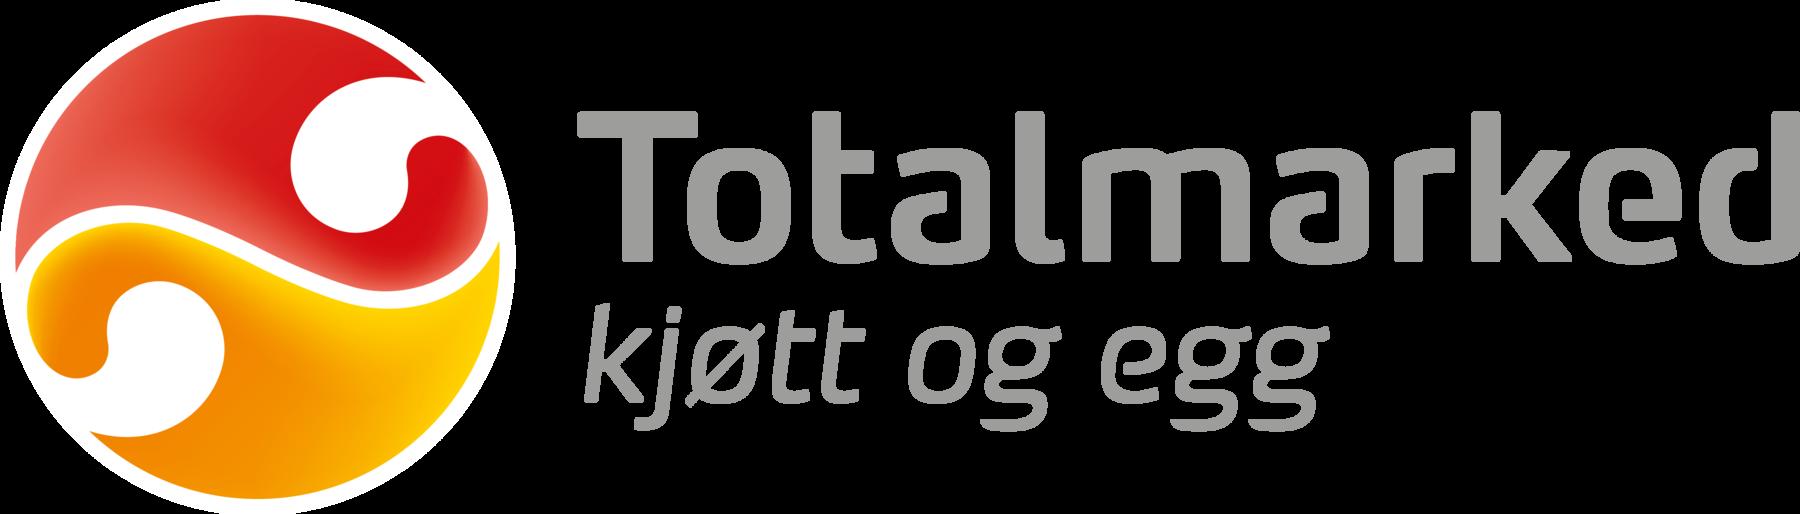 Logo Totalmarked kjøtt og egg